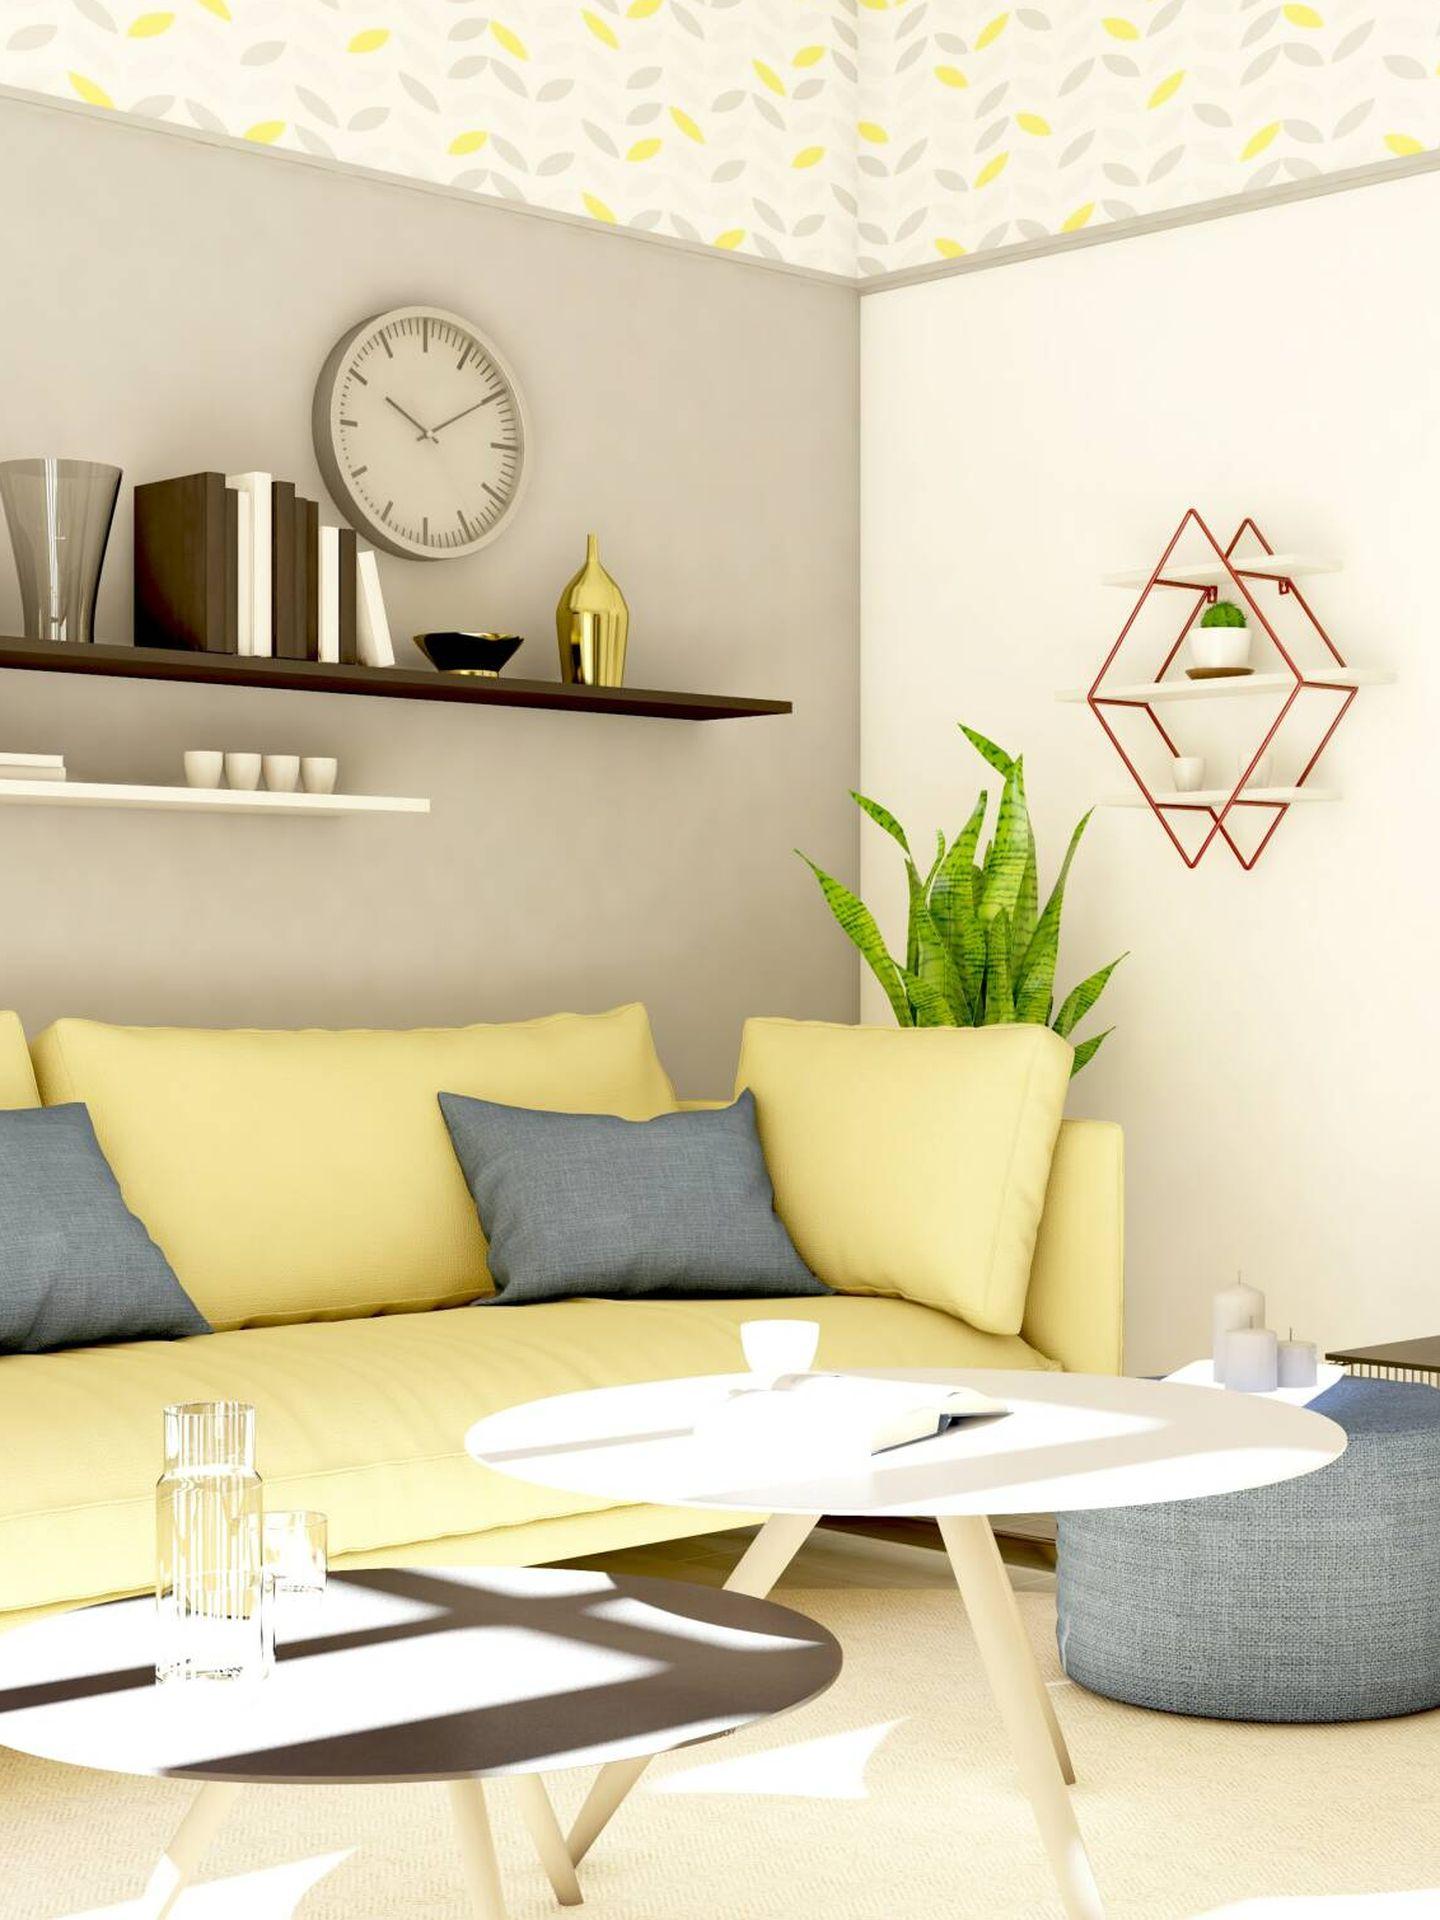 Decora tu casa con colores antiestrés. (Maiar Shalaby para Unsplash)